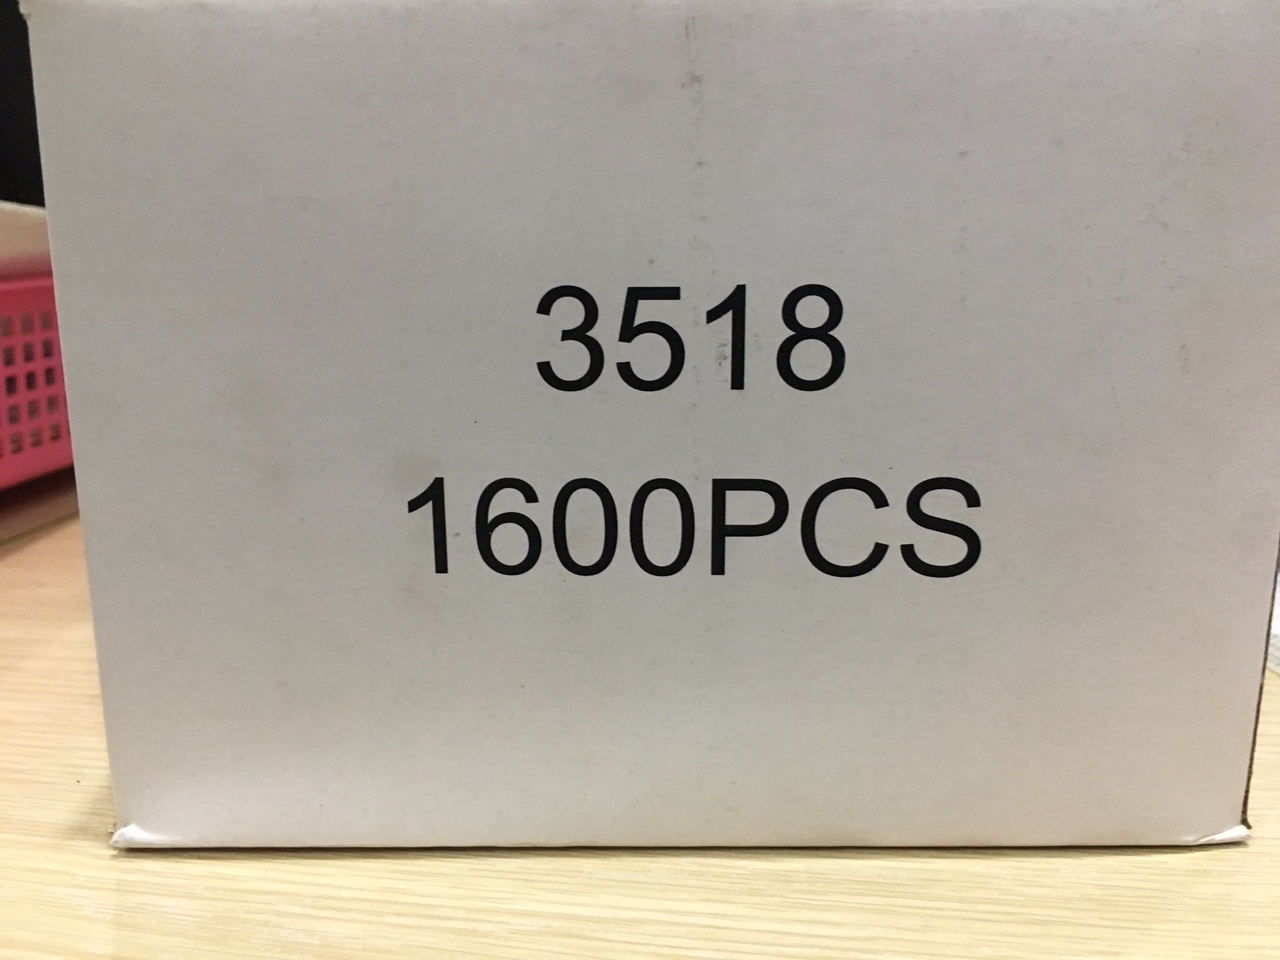 Chuyên cung cấp kim bấm thùng carton 35*18 xuất xứ Đài Loan giá cạnh tranh KV Miền Bắc